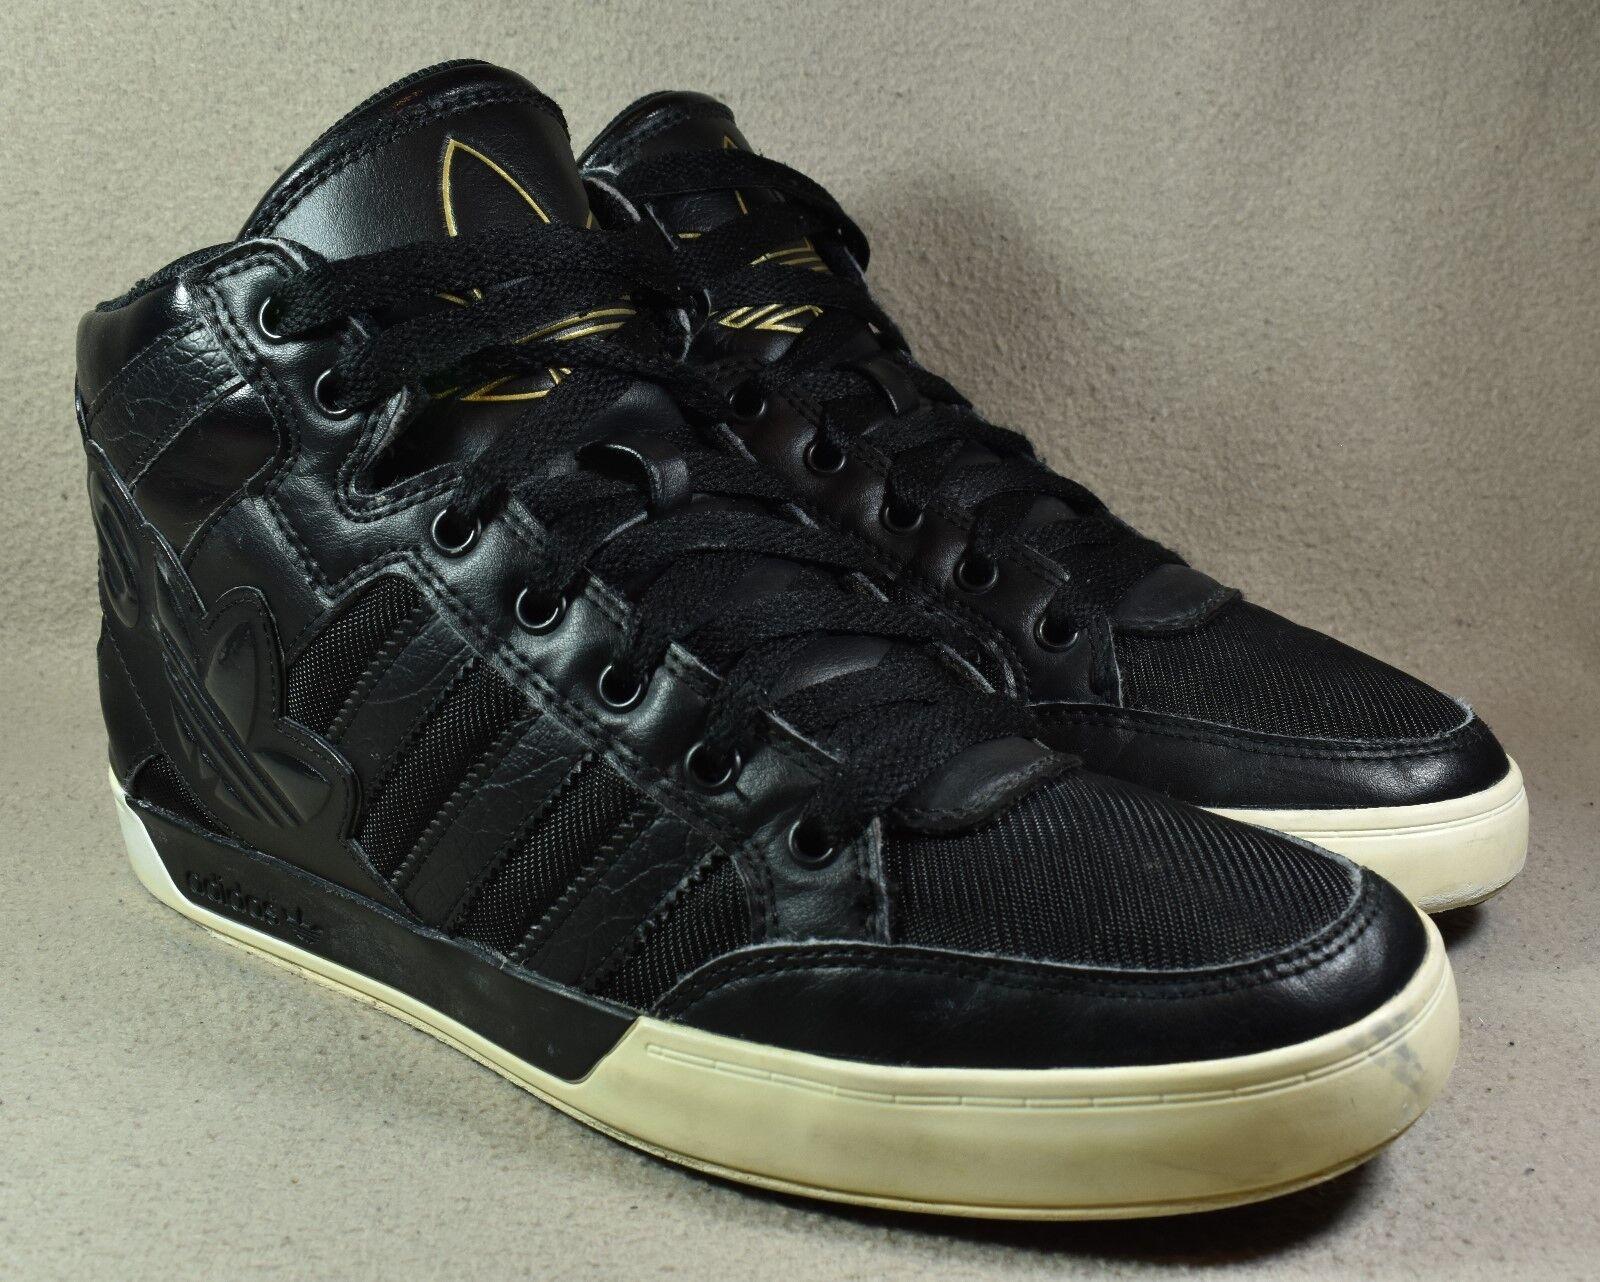 Adidas basket ciao grande grande grande logo nero   bianco   uomini sopra i formatori     Materiali selezionati  e68c75